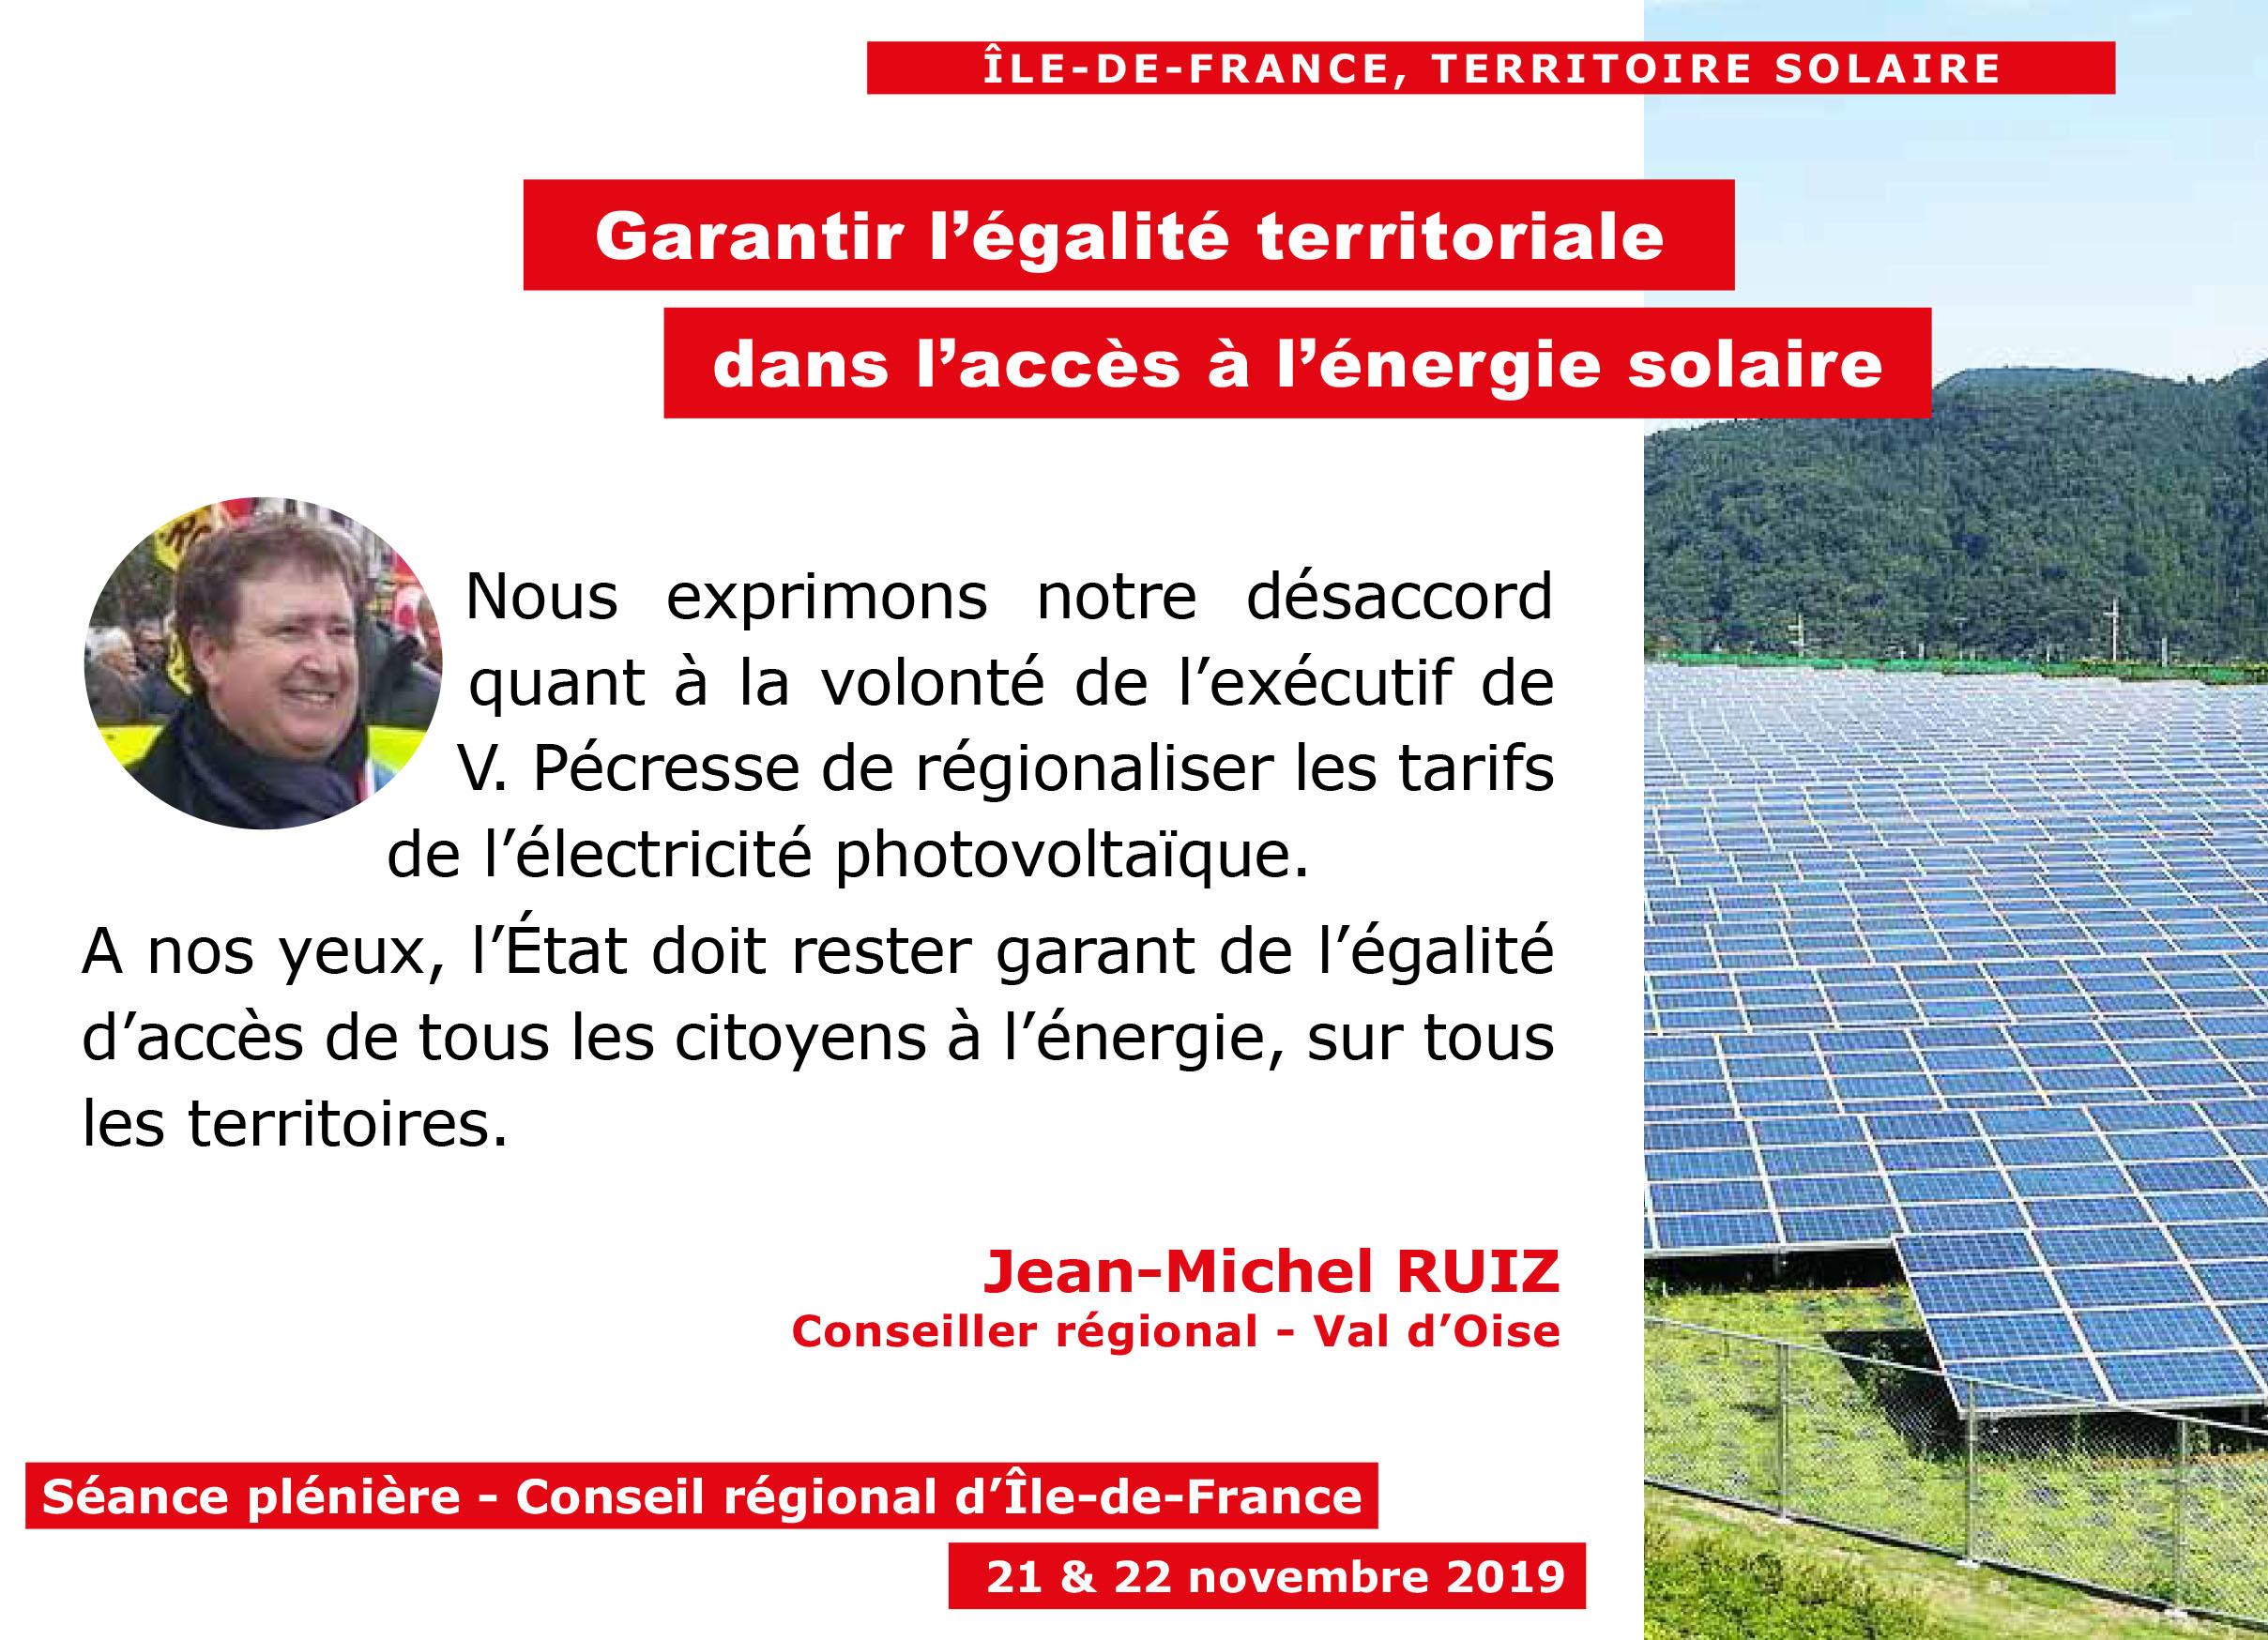 Vignette_JeanMi_solaire